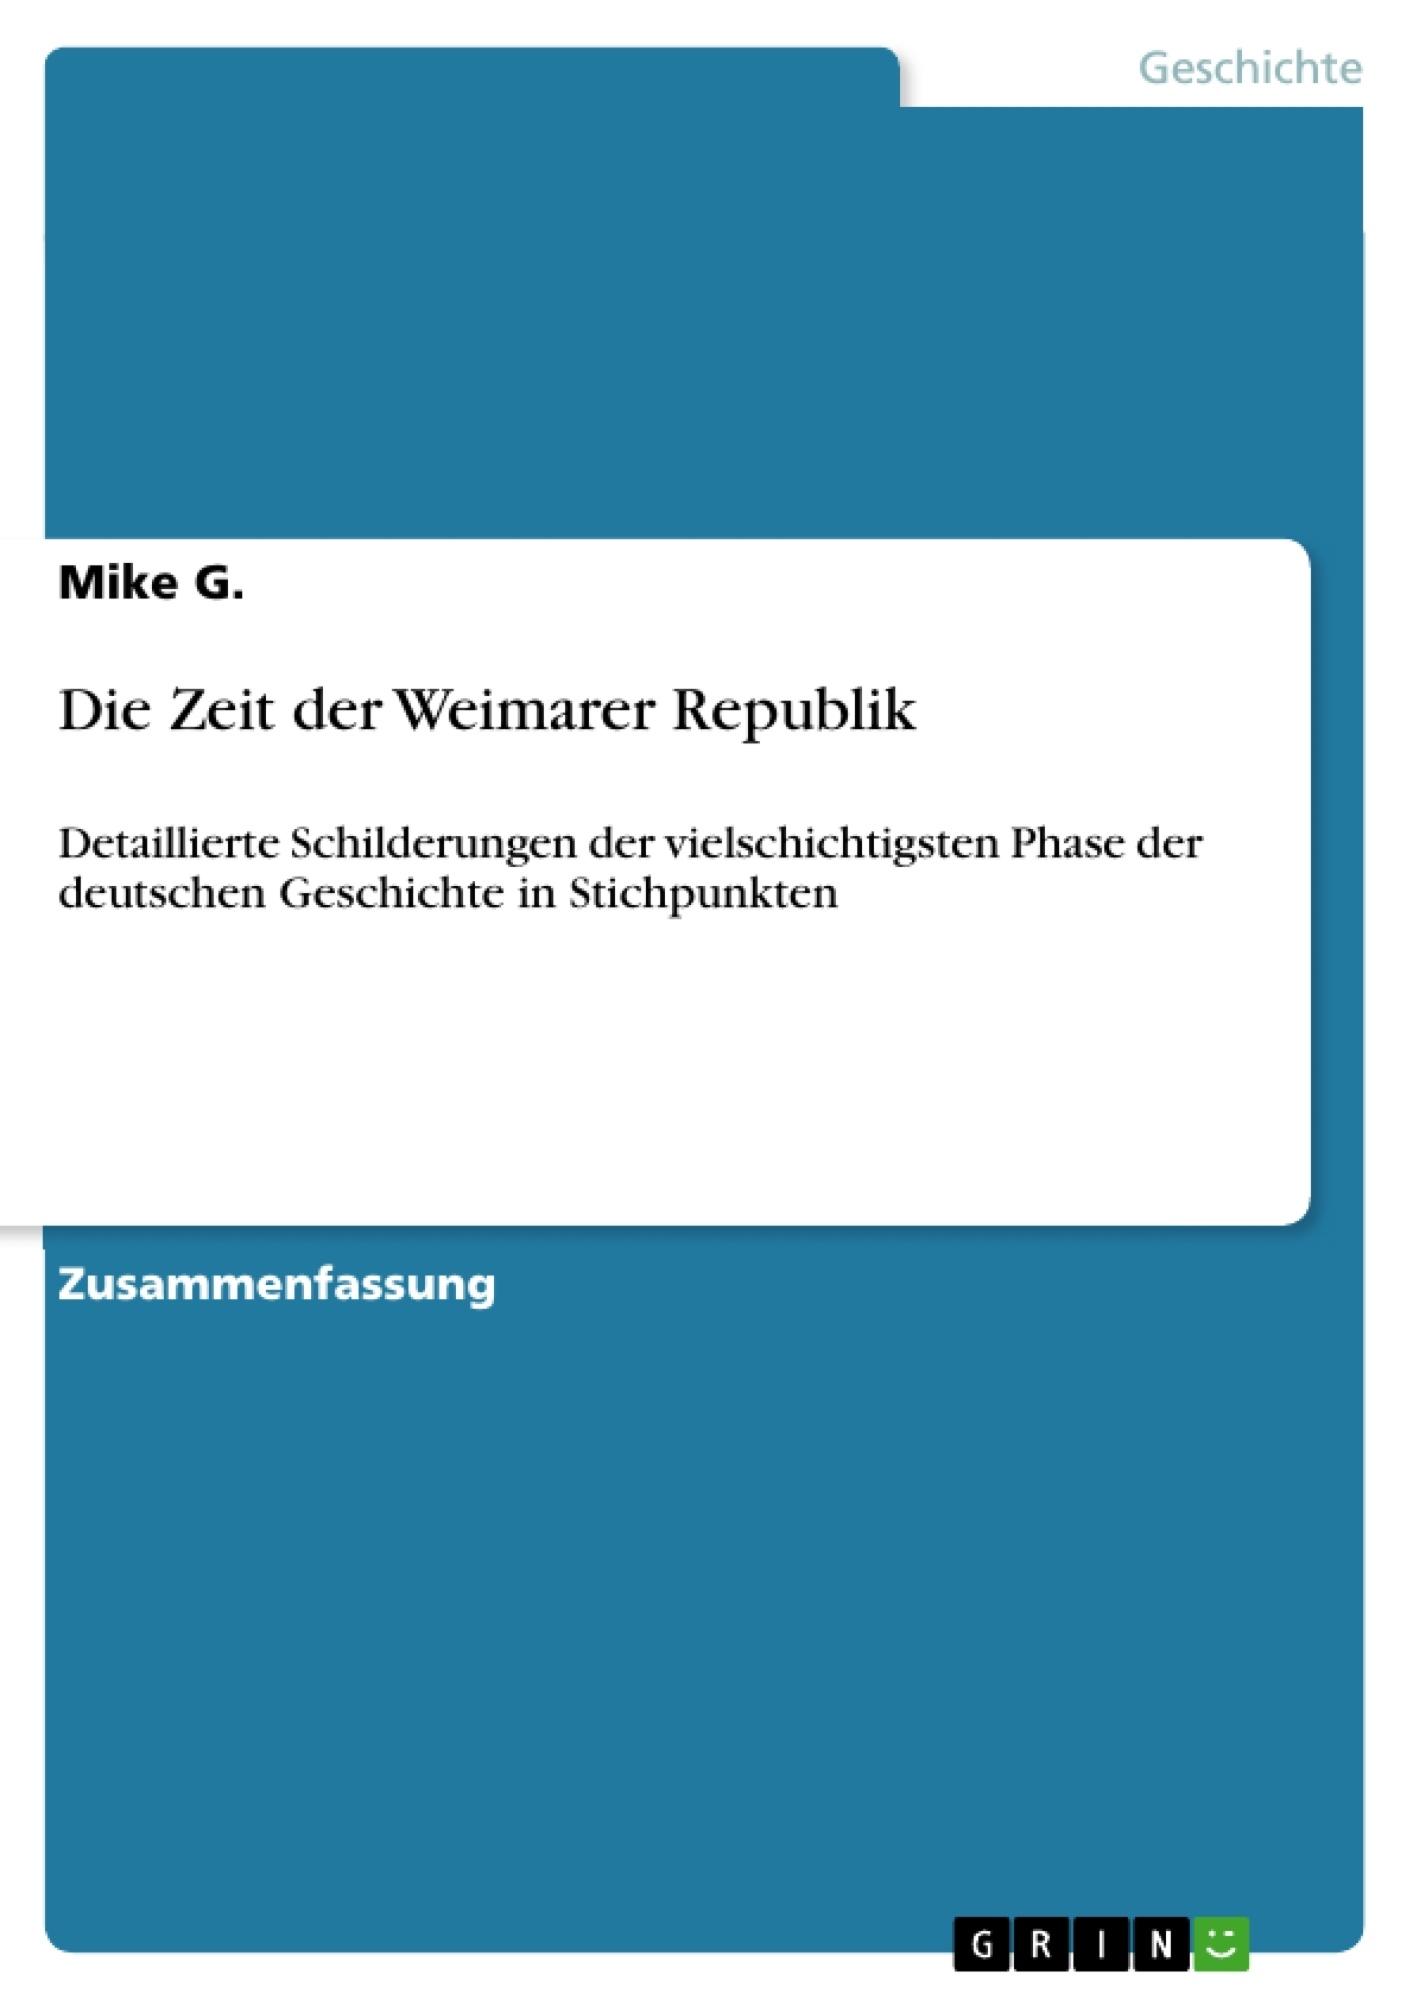 Titel: Die Zeit der Weimarer Republik